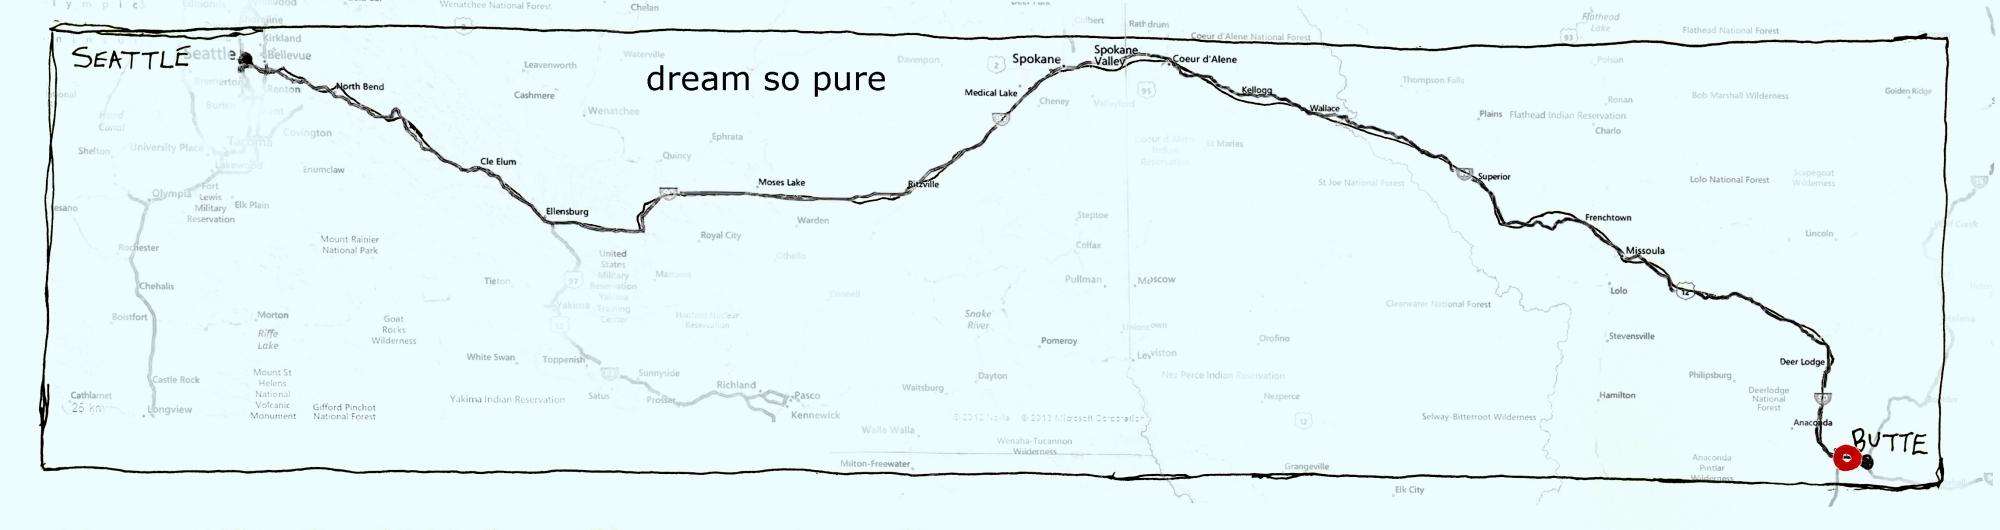 588 map